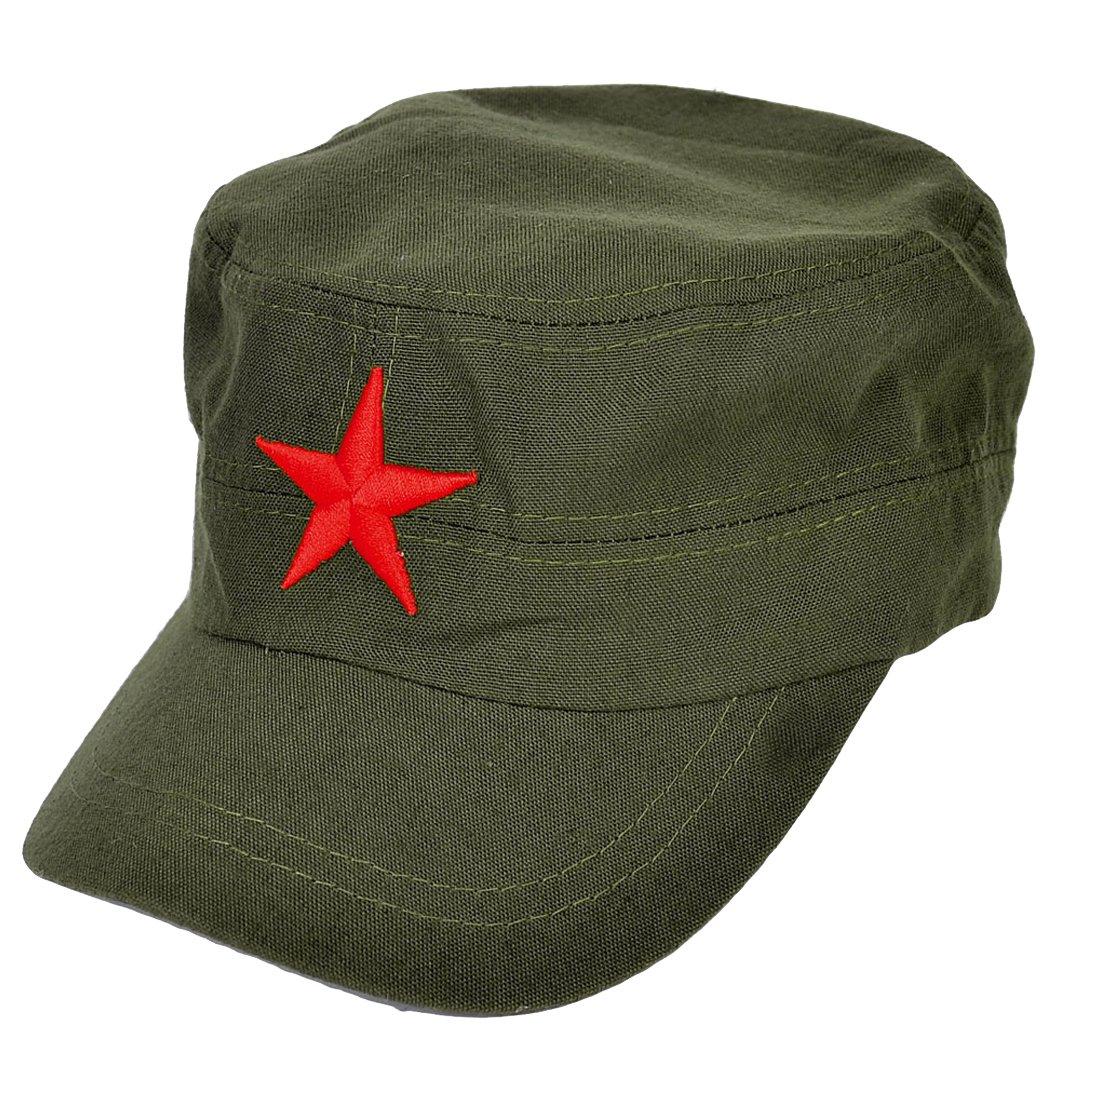 sourcingmap Uomo Camionista Rosso Stella Dettaglio Sole Visiera Baseball Cappuccio Cappello Militare Verde